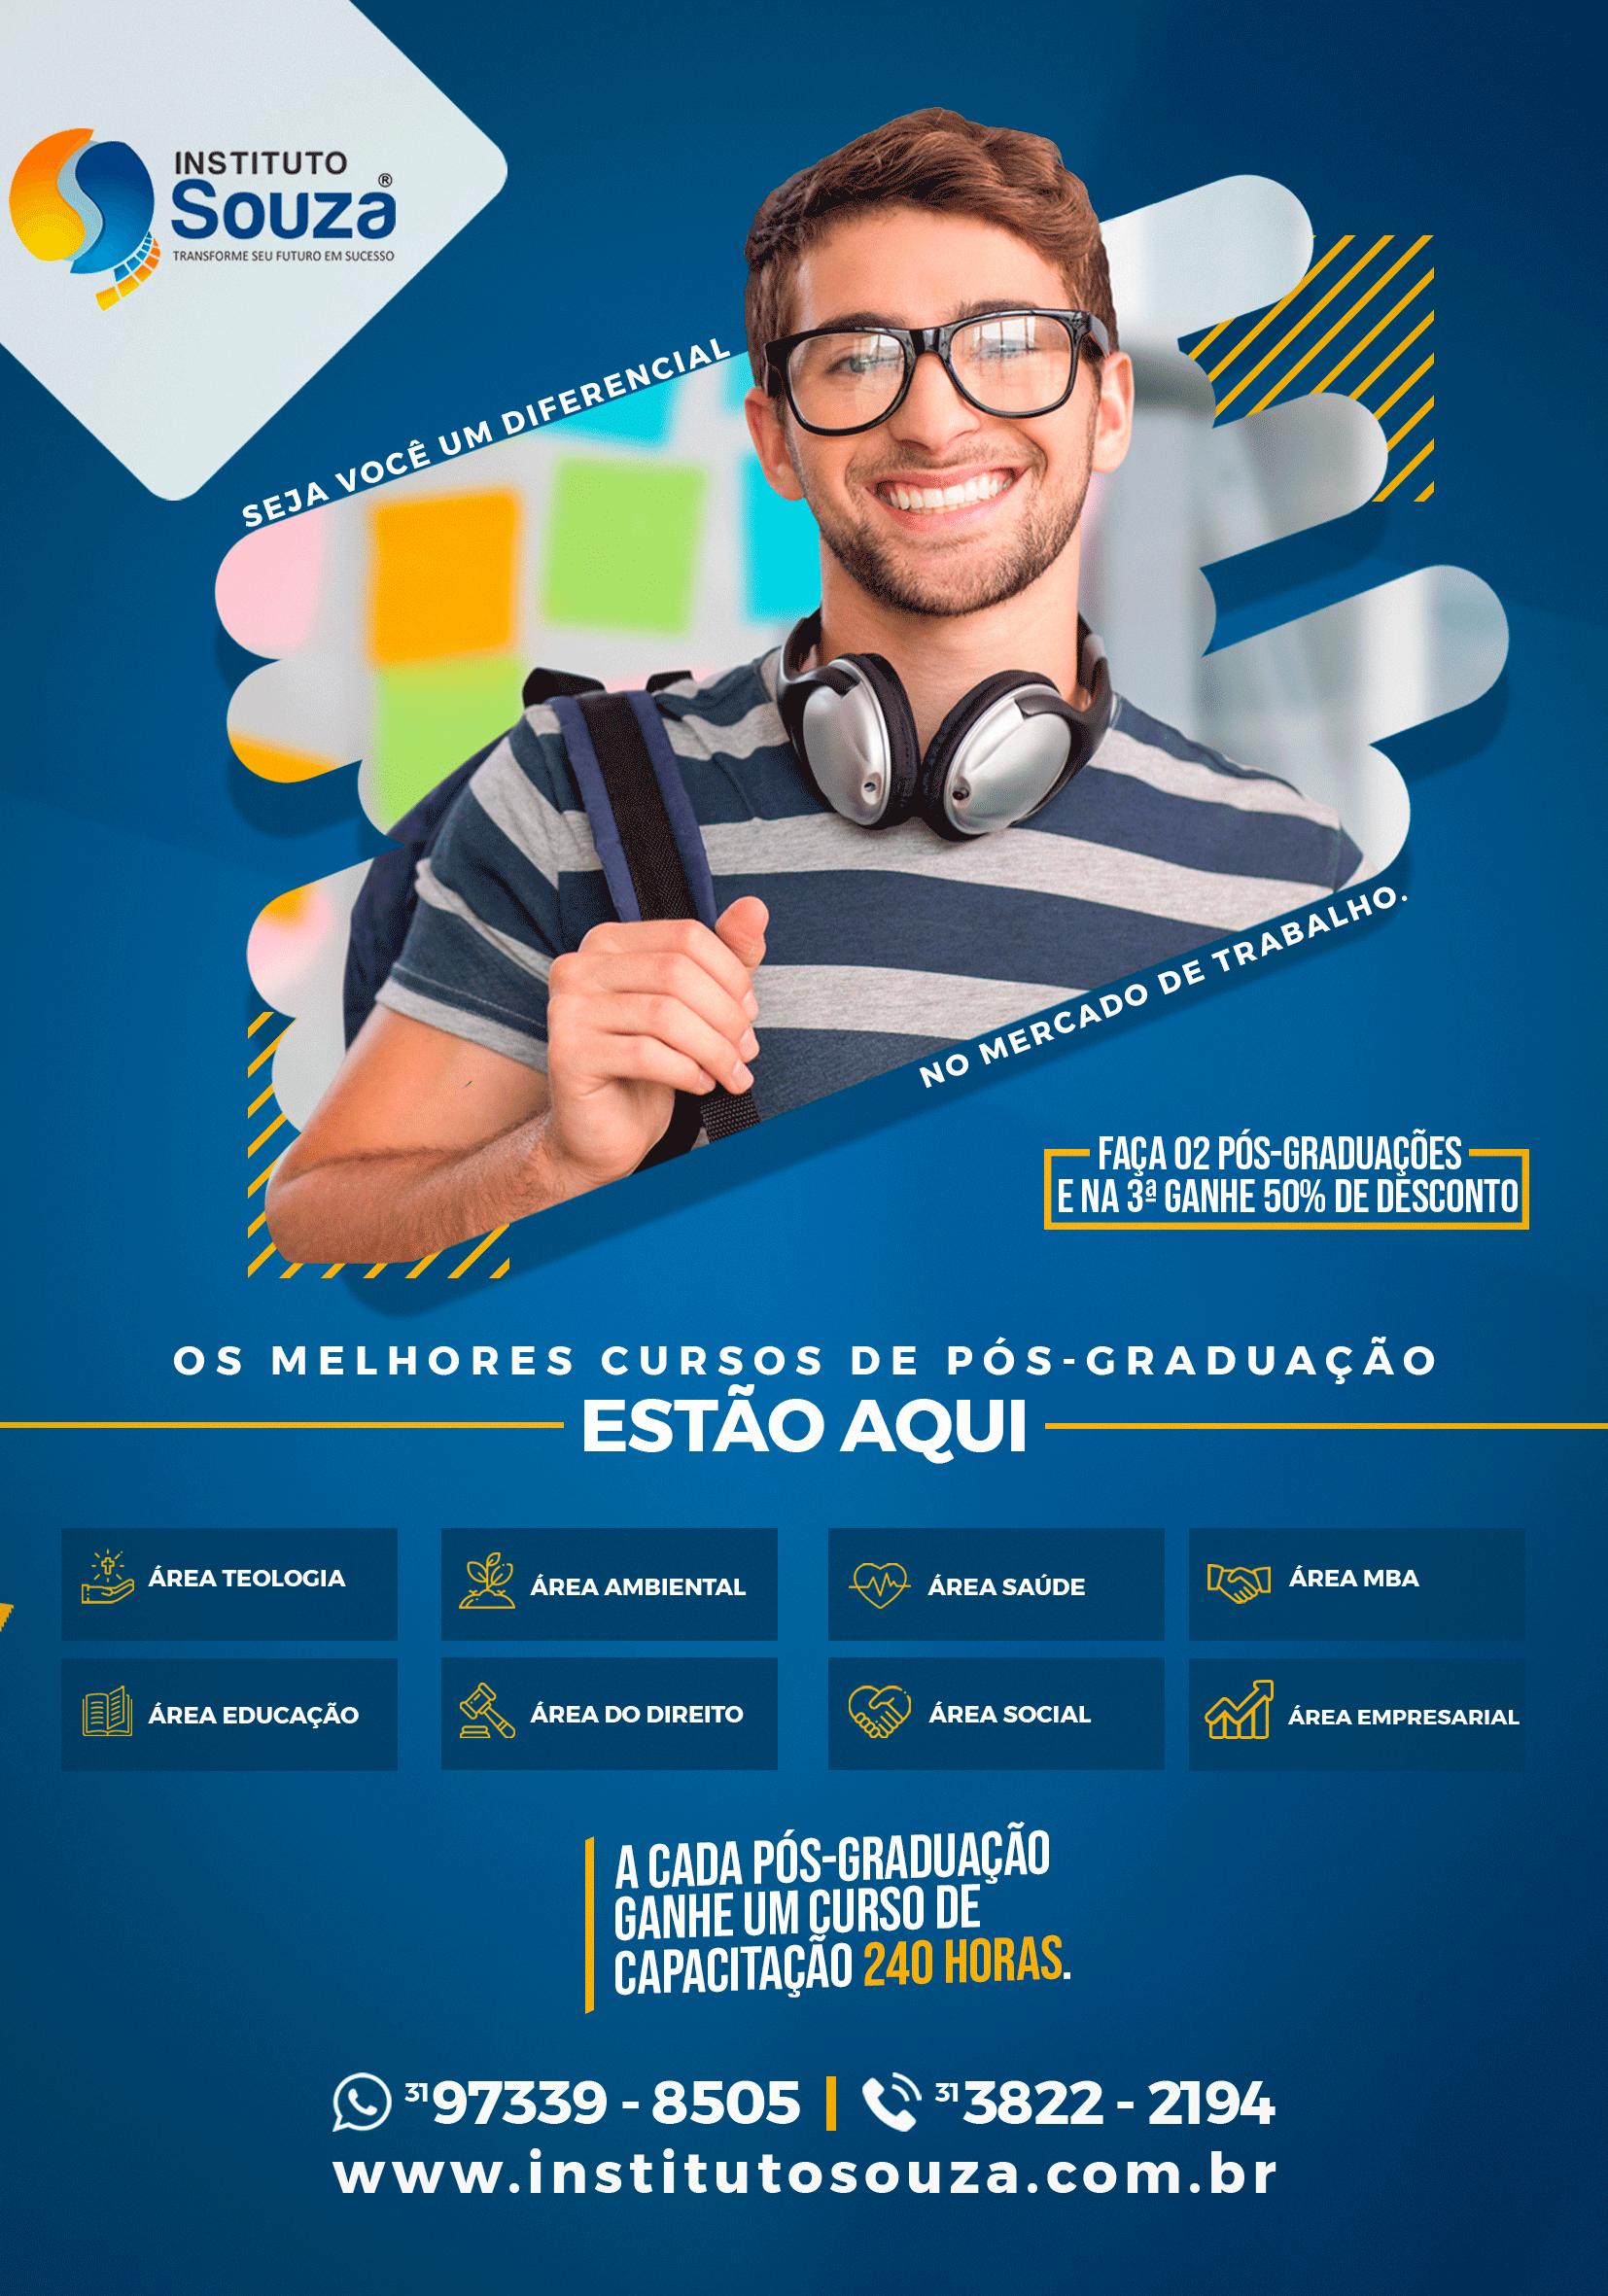 Pós-Graduação a Distância São Paulo SP